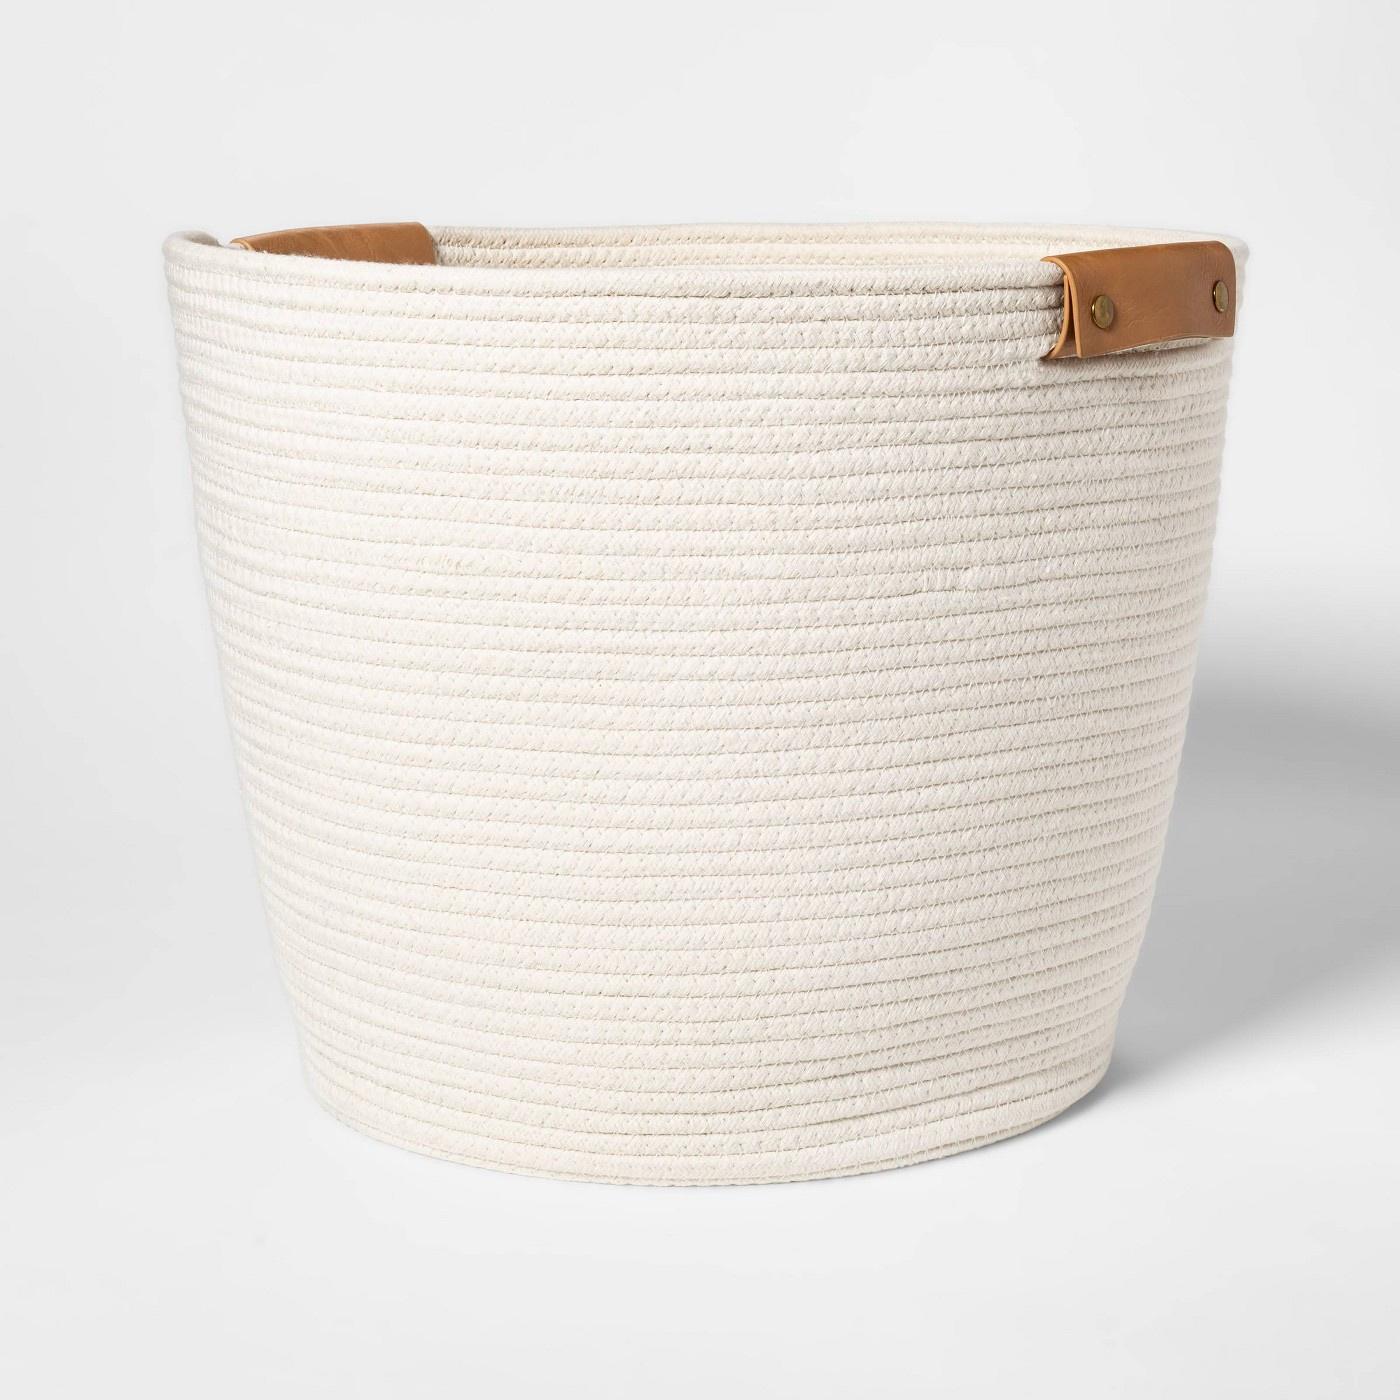 Coiled Rope Basket.jpg